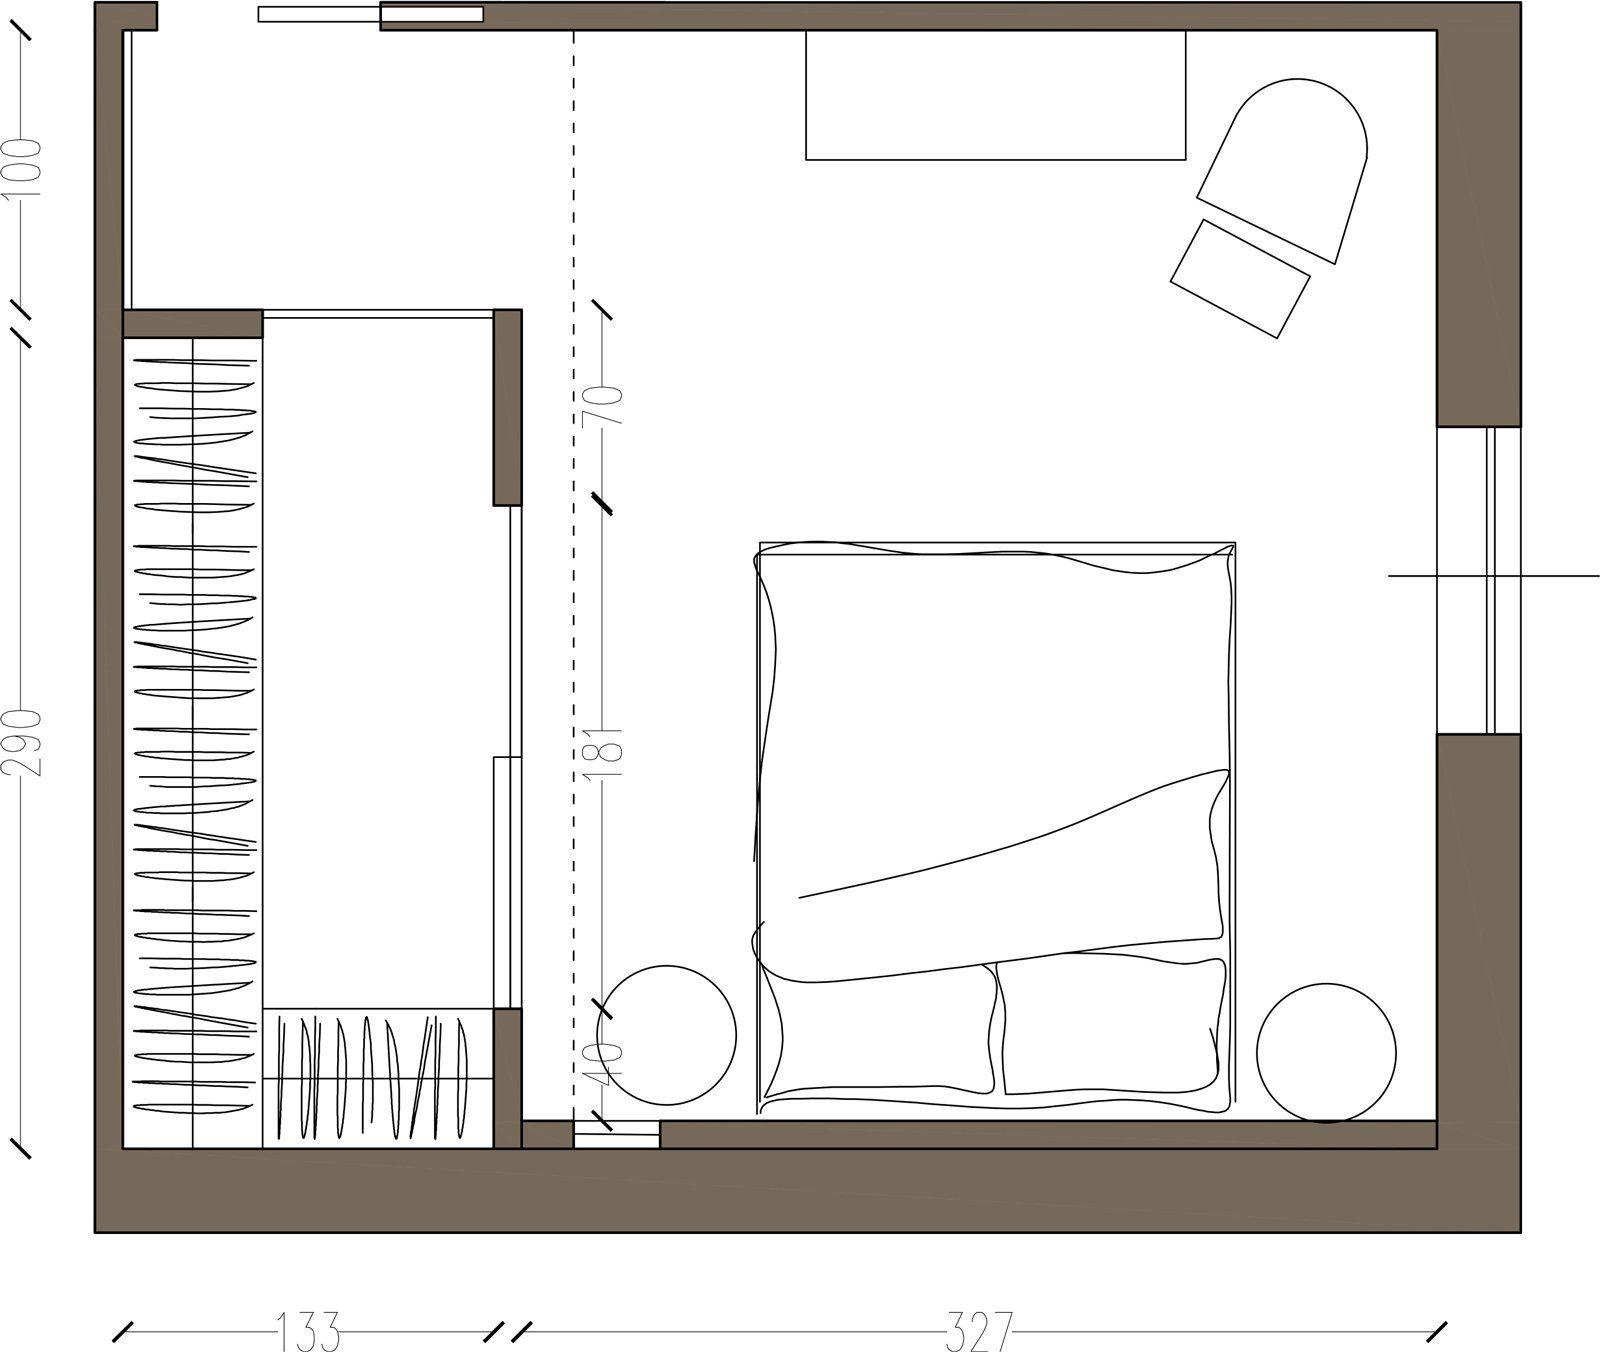 Cabina armadio due soluzioni per ricavarla mikasa pinterest recamara habitacion vestidor - Cabina armadio in camera da letto piccola ...